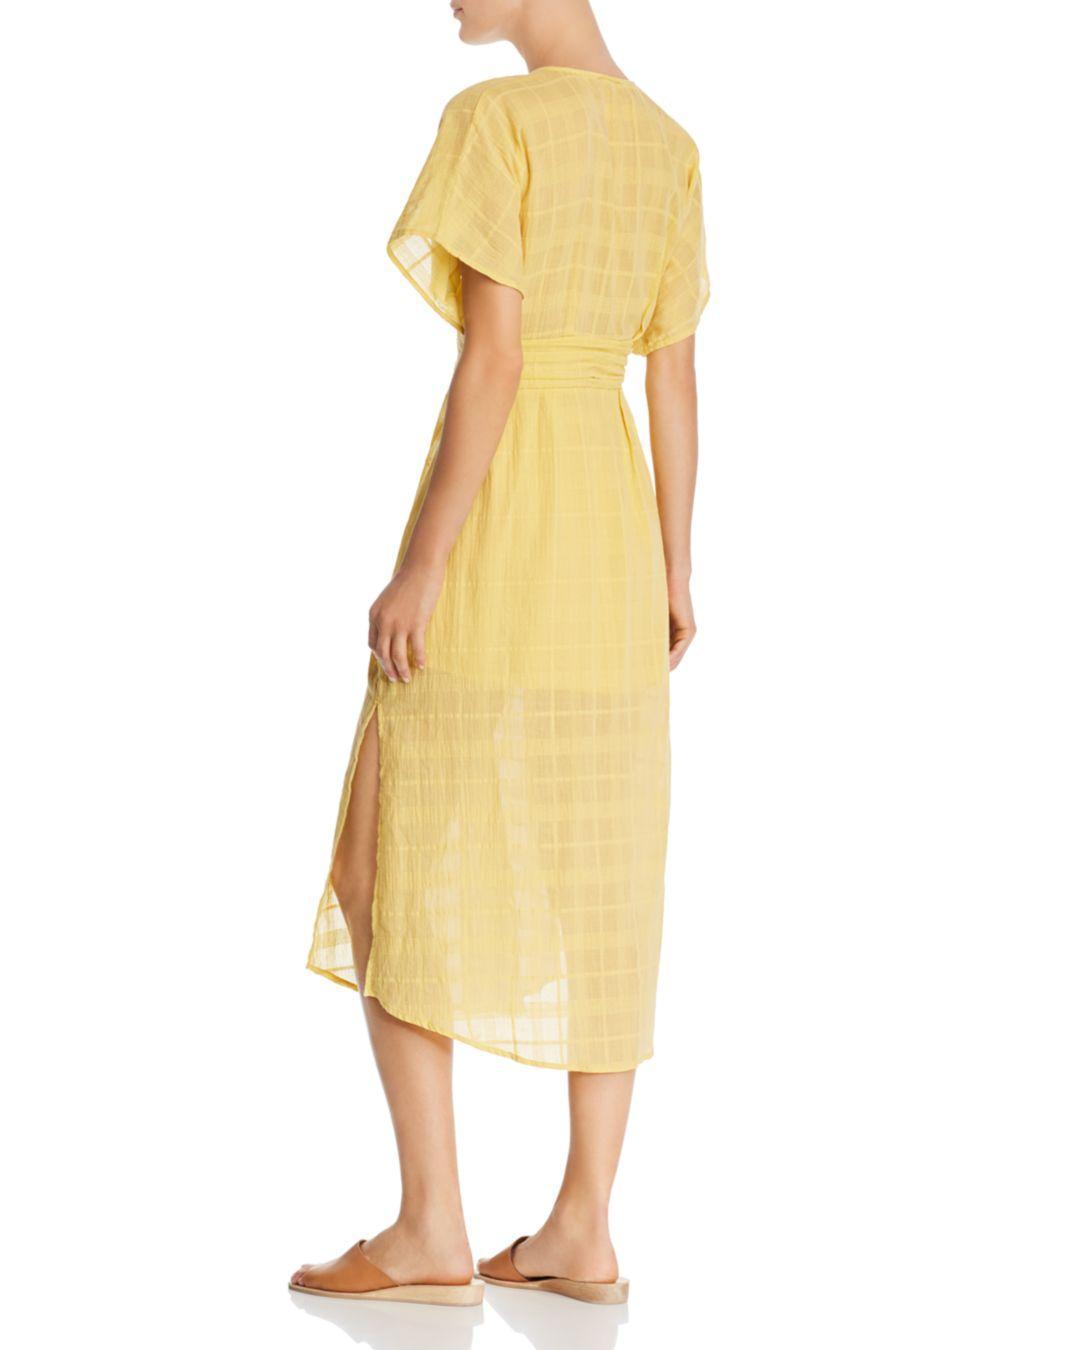 e11d9a5a85de Suboo - Yellow Morning Light Midi Dress - Lyst. View fullscreen